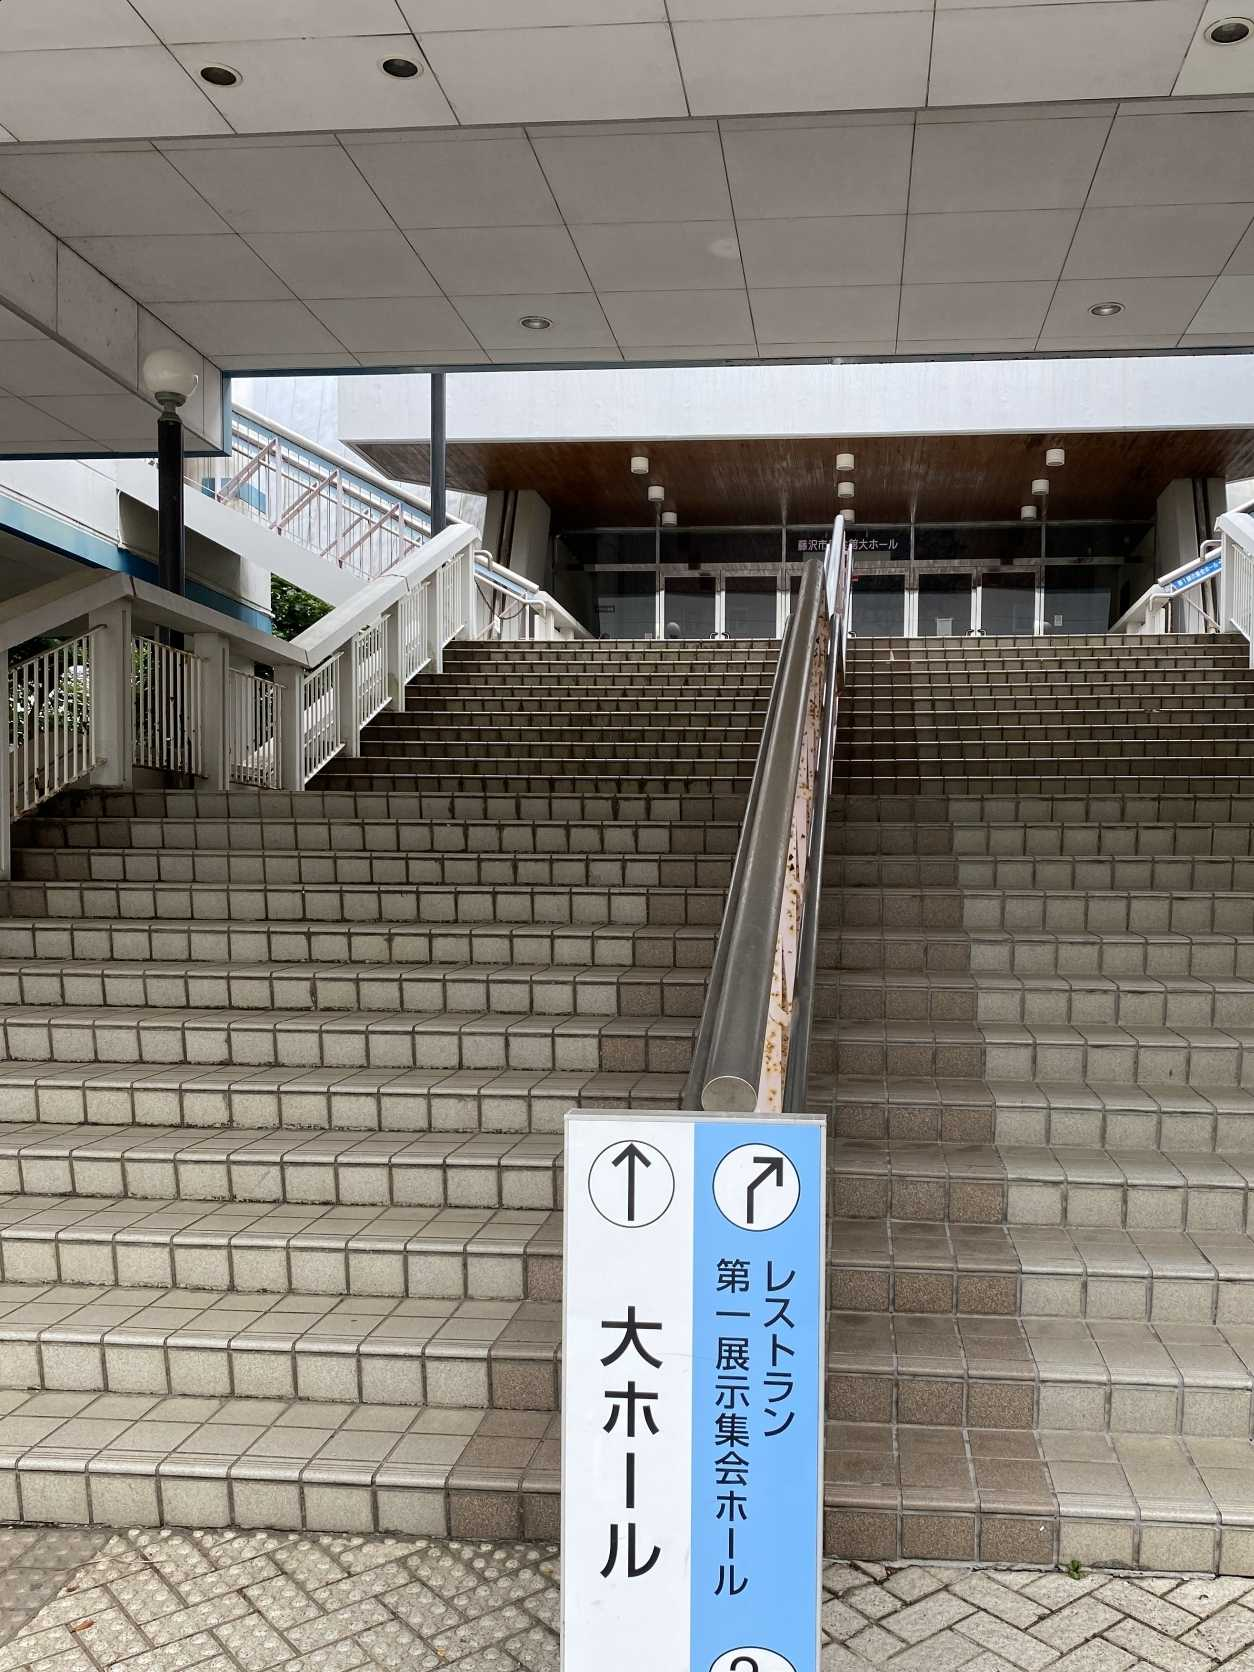 【藤沢市民会館】で研修に向けて・・・再開準備!